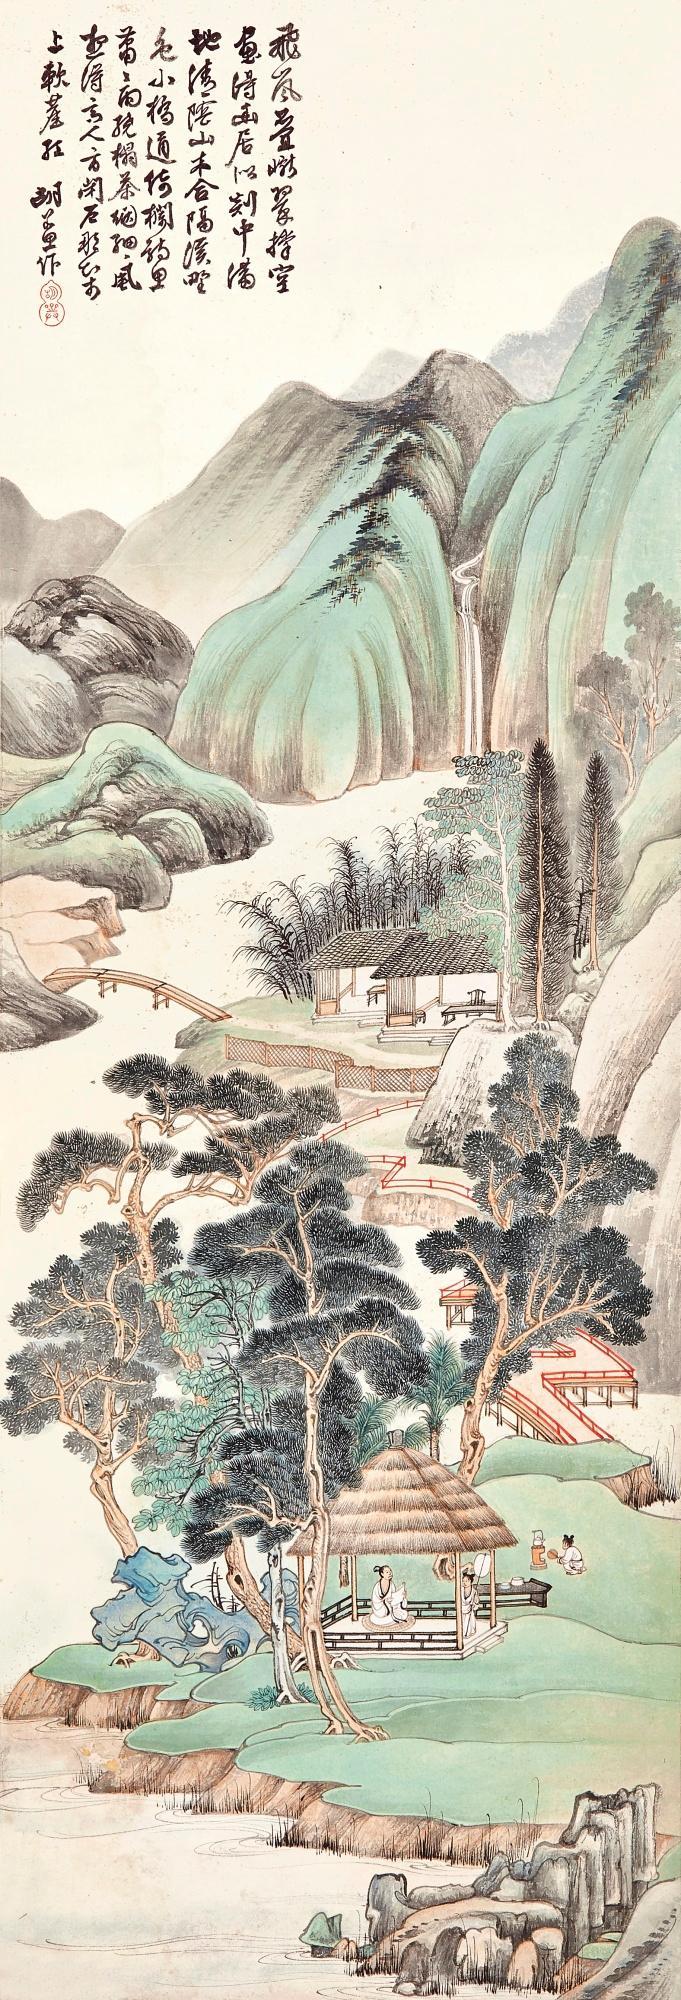 HU RUOSI (1916-2004)   Brewing Tea at the Hermitage